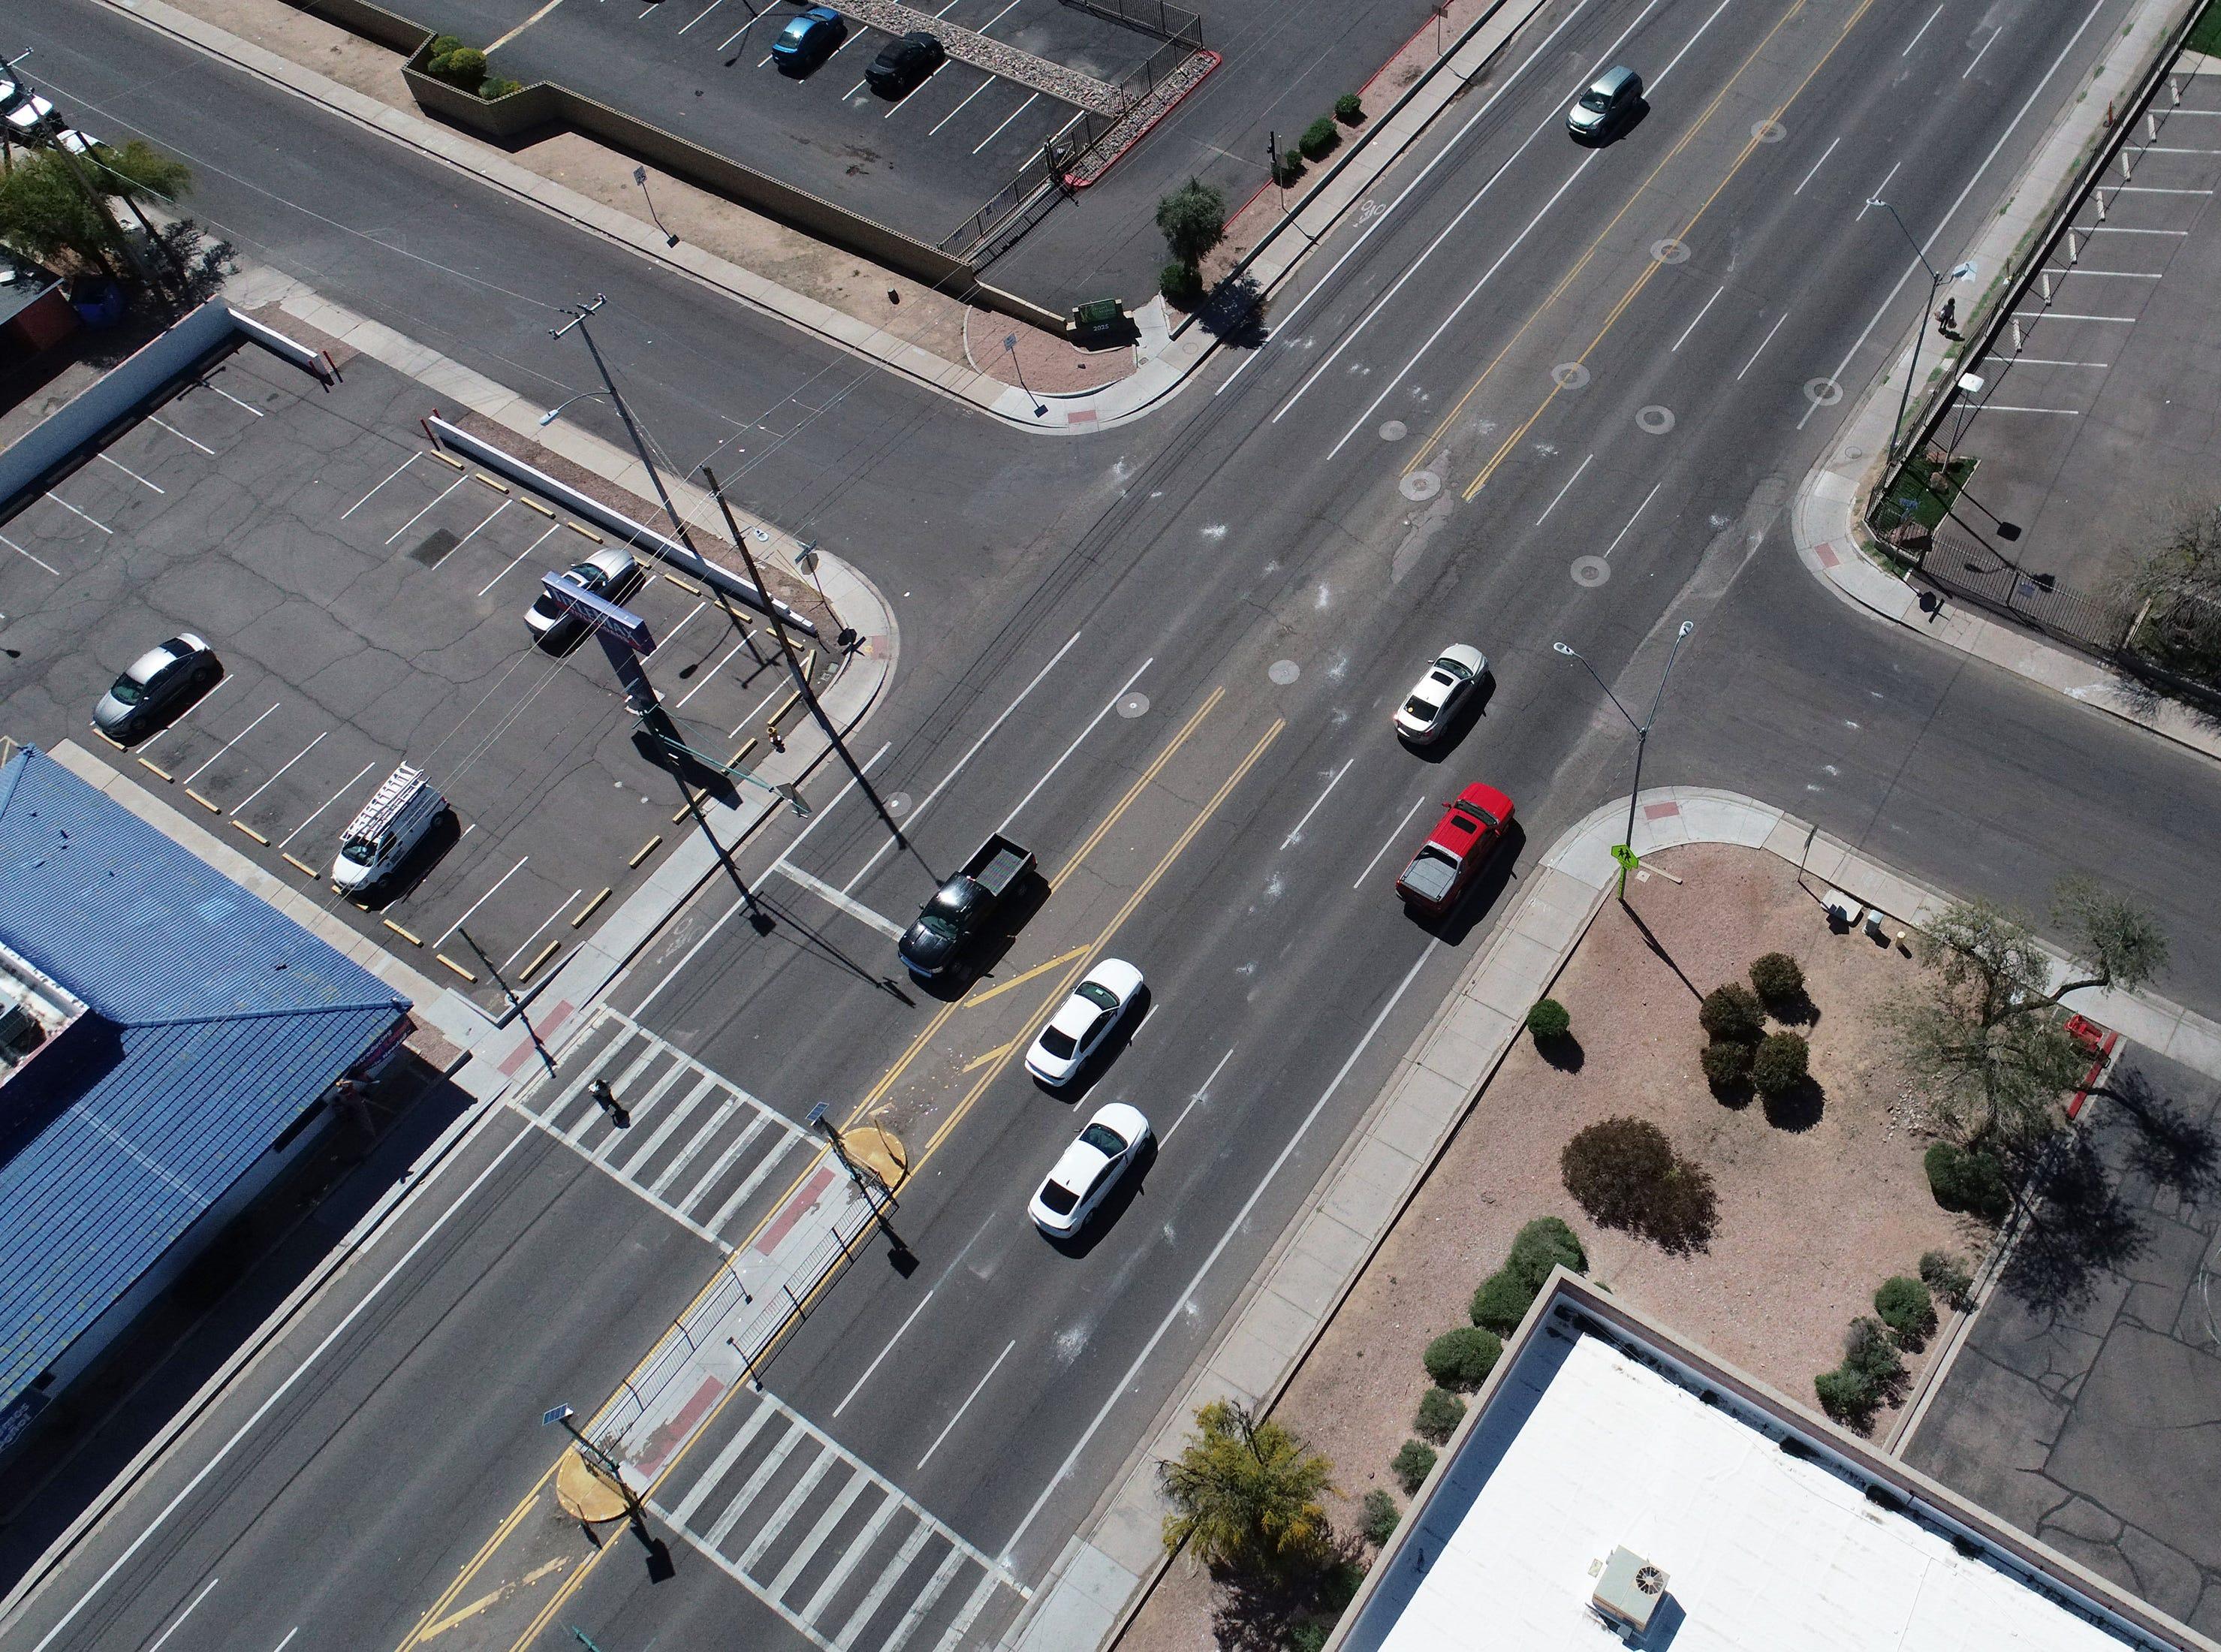 A midblock pedestrian crosswalk is seen on Indian School Road near 20th Avenue in Phoenix.